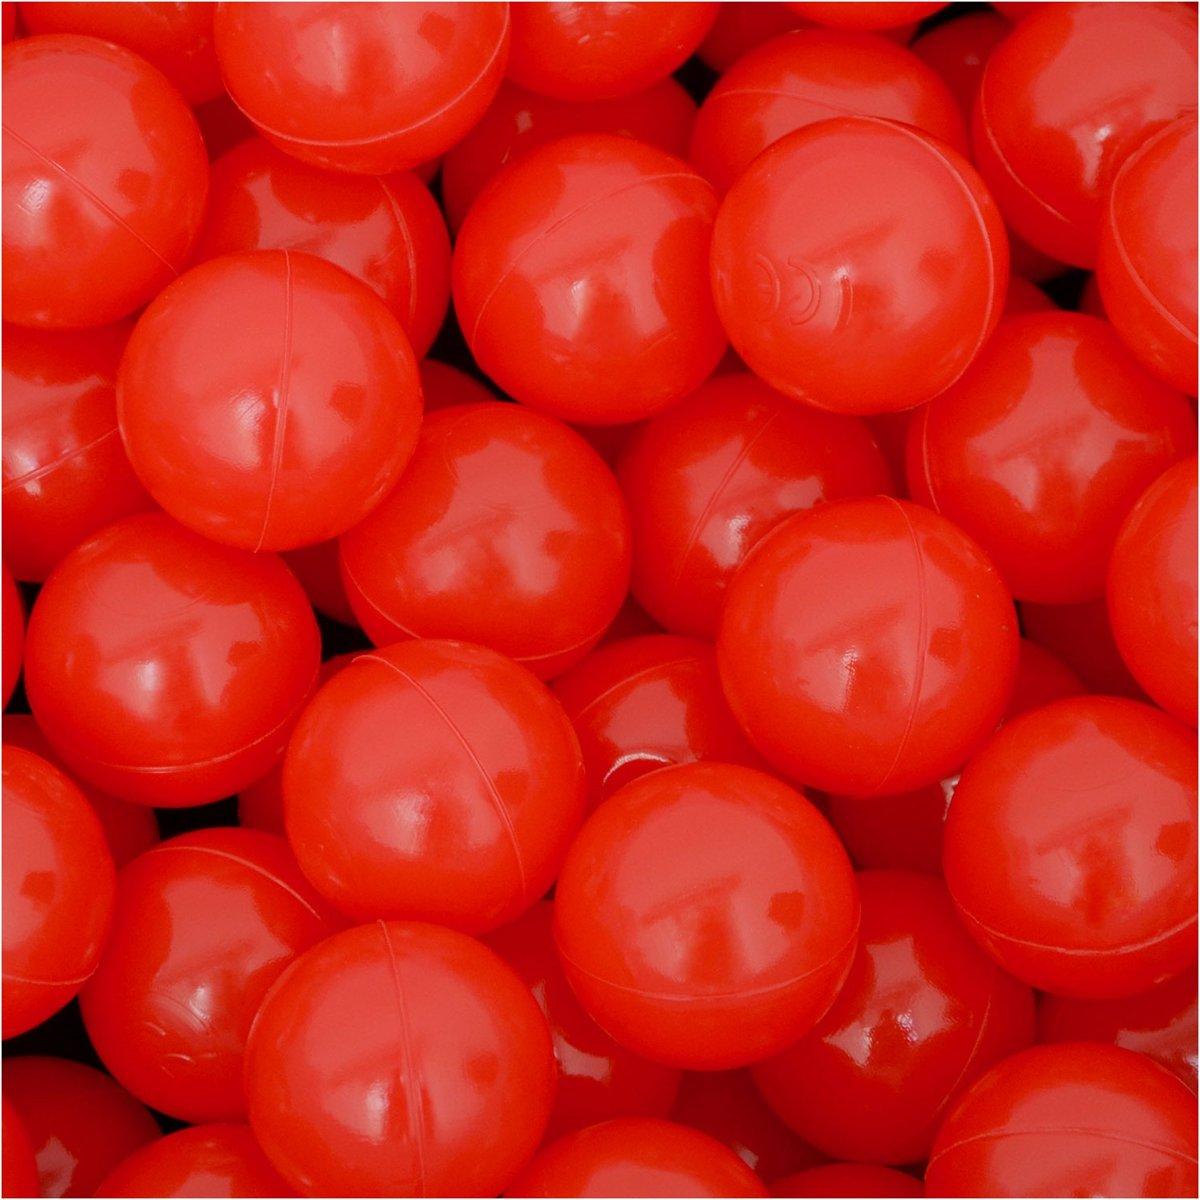 50 Babybalballen 5,5 cm Kinderballenbadje Kunststofballen Babyballen Rood